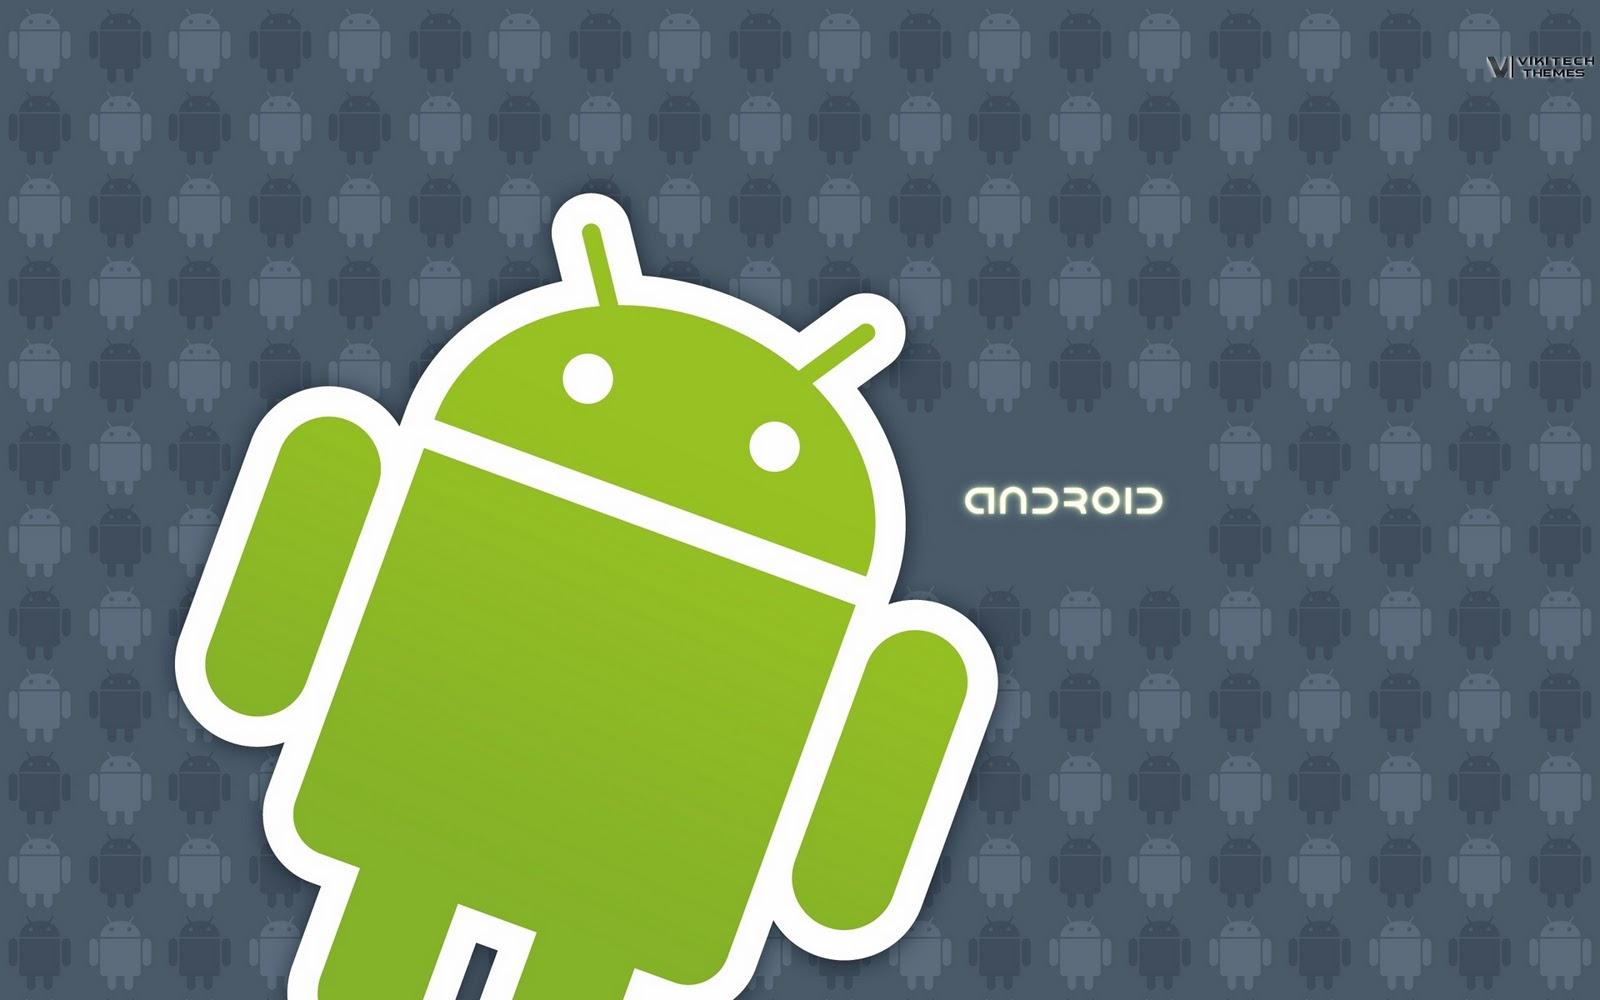 http://3.bp.blogspot.com/_E26Ndy_oKVc/TPlqbw9jG8I/AAAAAAAAAyM/bVxsWkcu2F4/s1600/Wallpaper+Android+%252824%2529.jpg